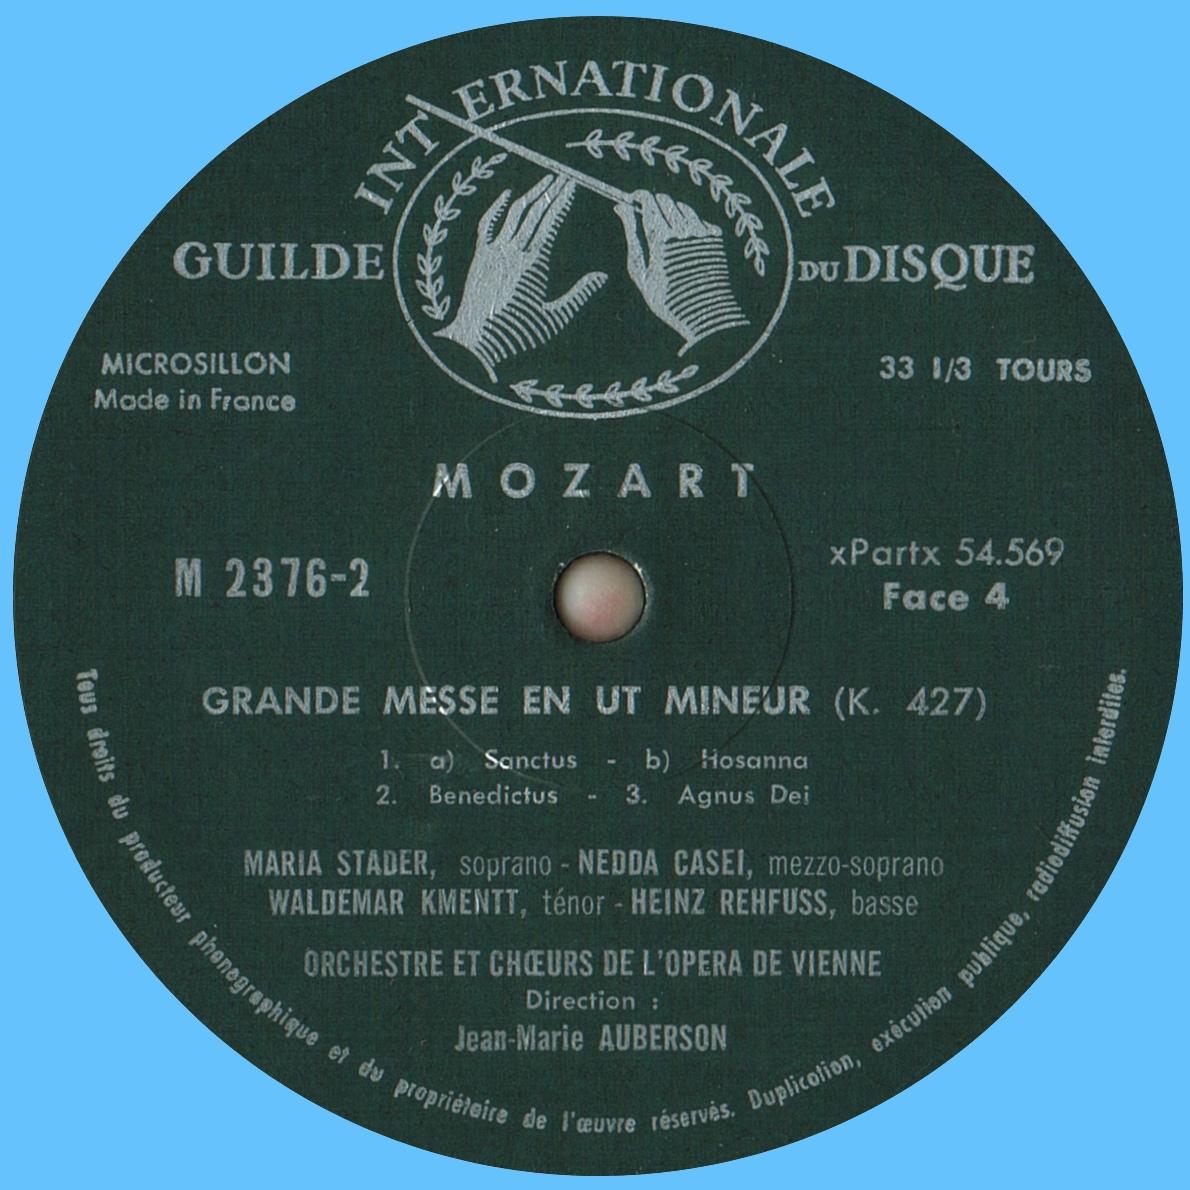 Étiquette verso du 2e disque de l'album Musical Masterpiece Society MMS 2376